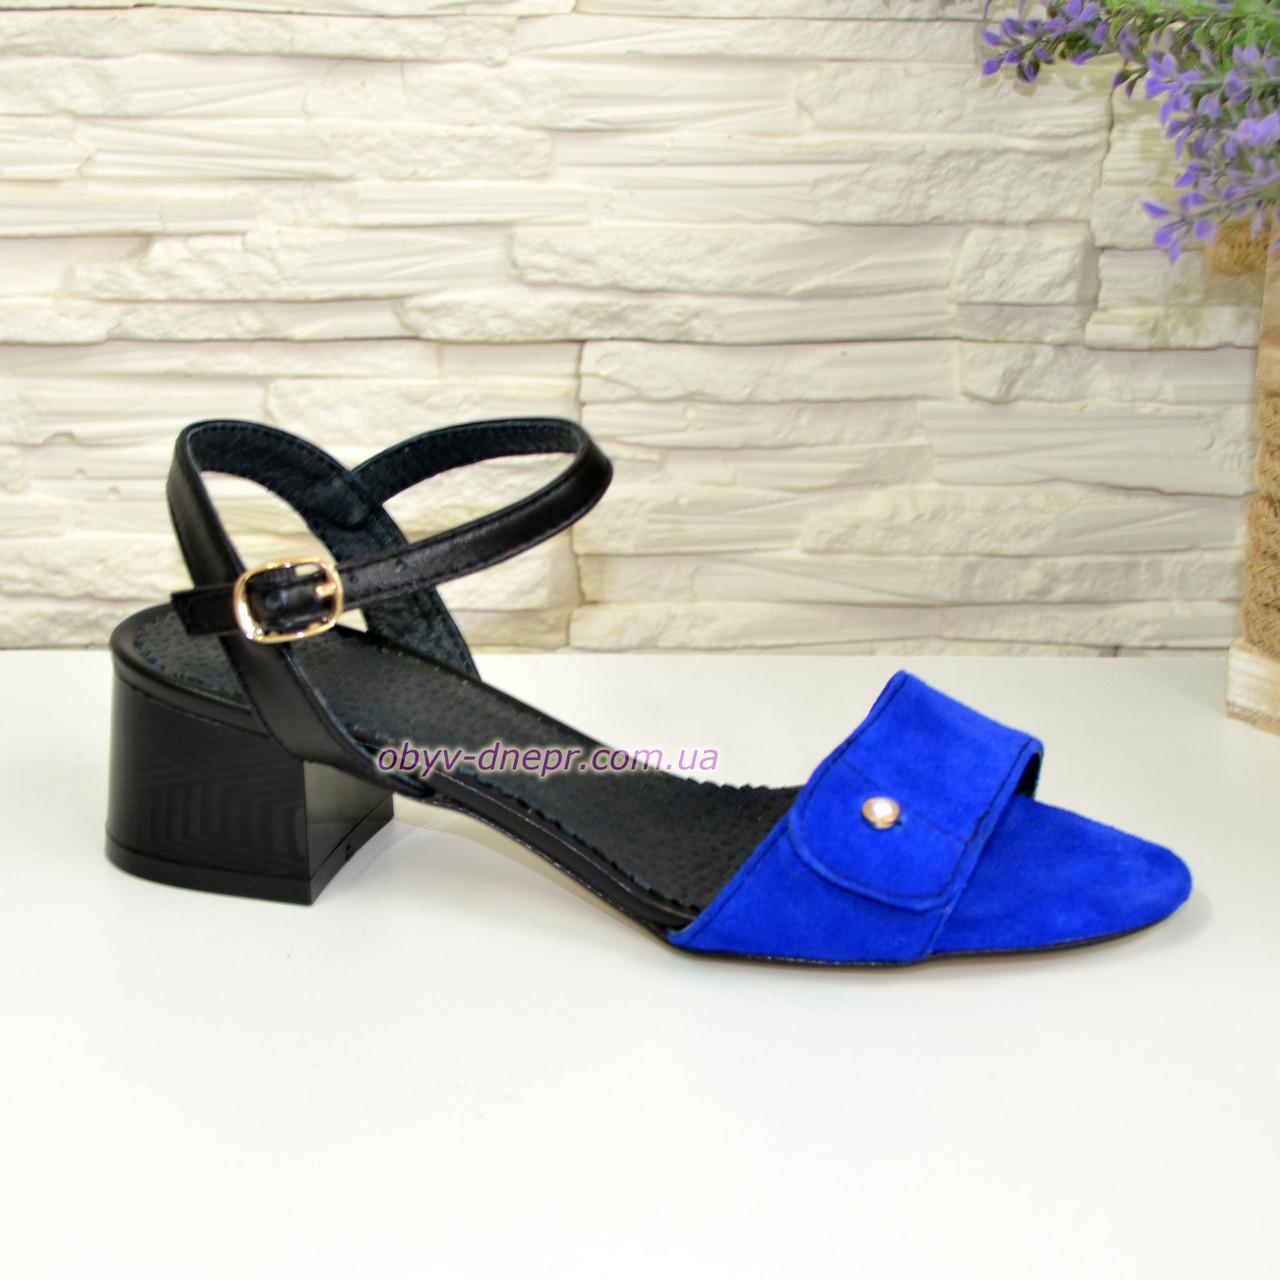 Босоножки женские на каблуке, цвет синий/черный